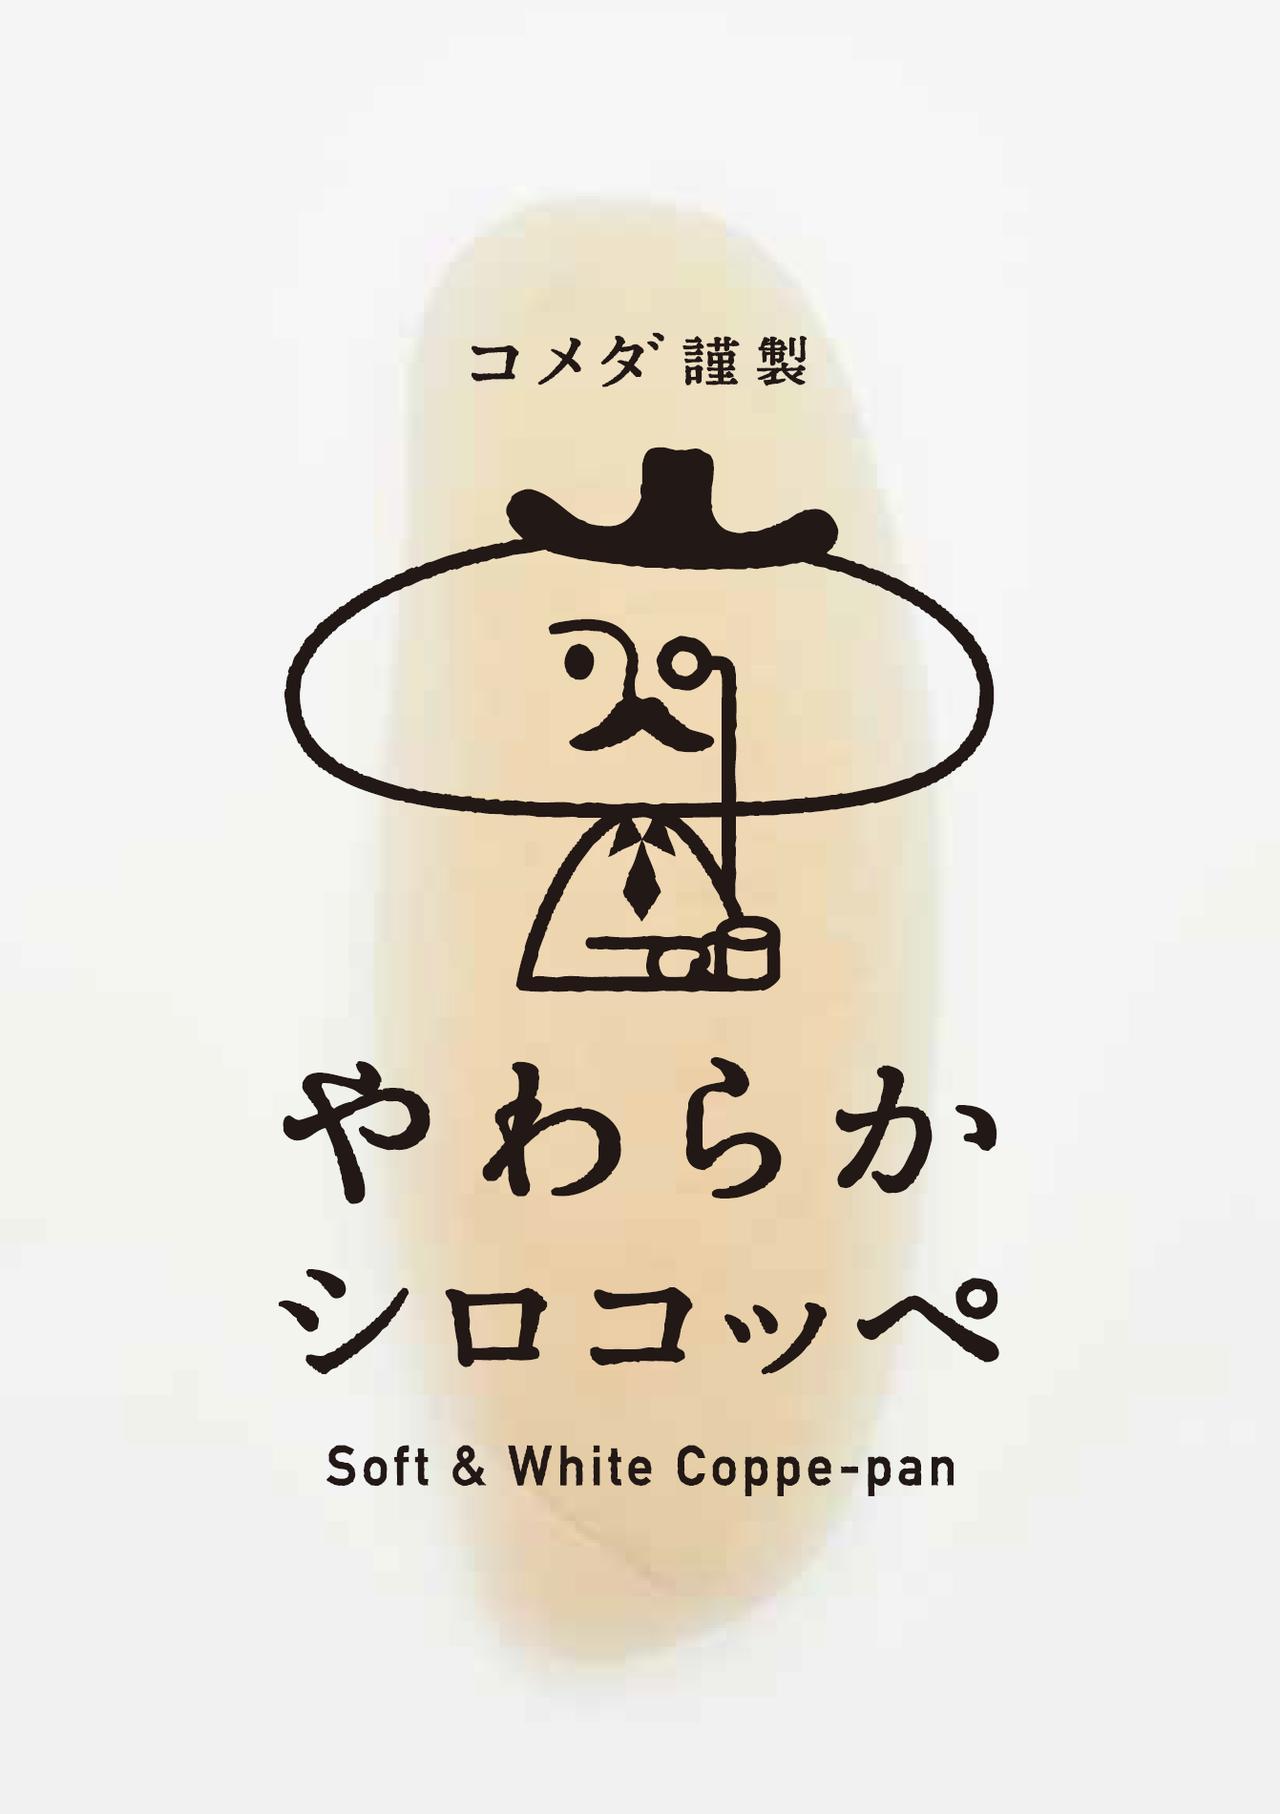 画像1: 話題のコメダのコッペパン専門店が蒲田にオープン!